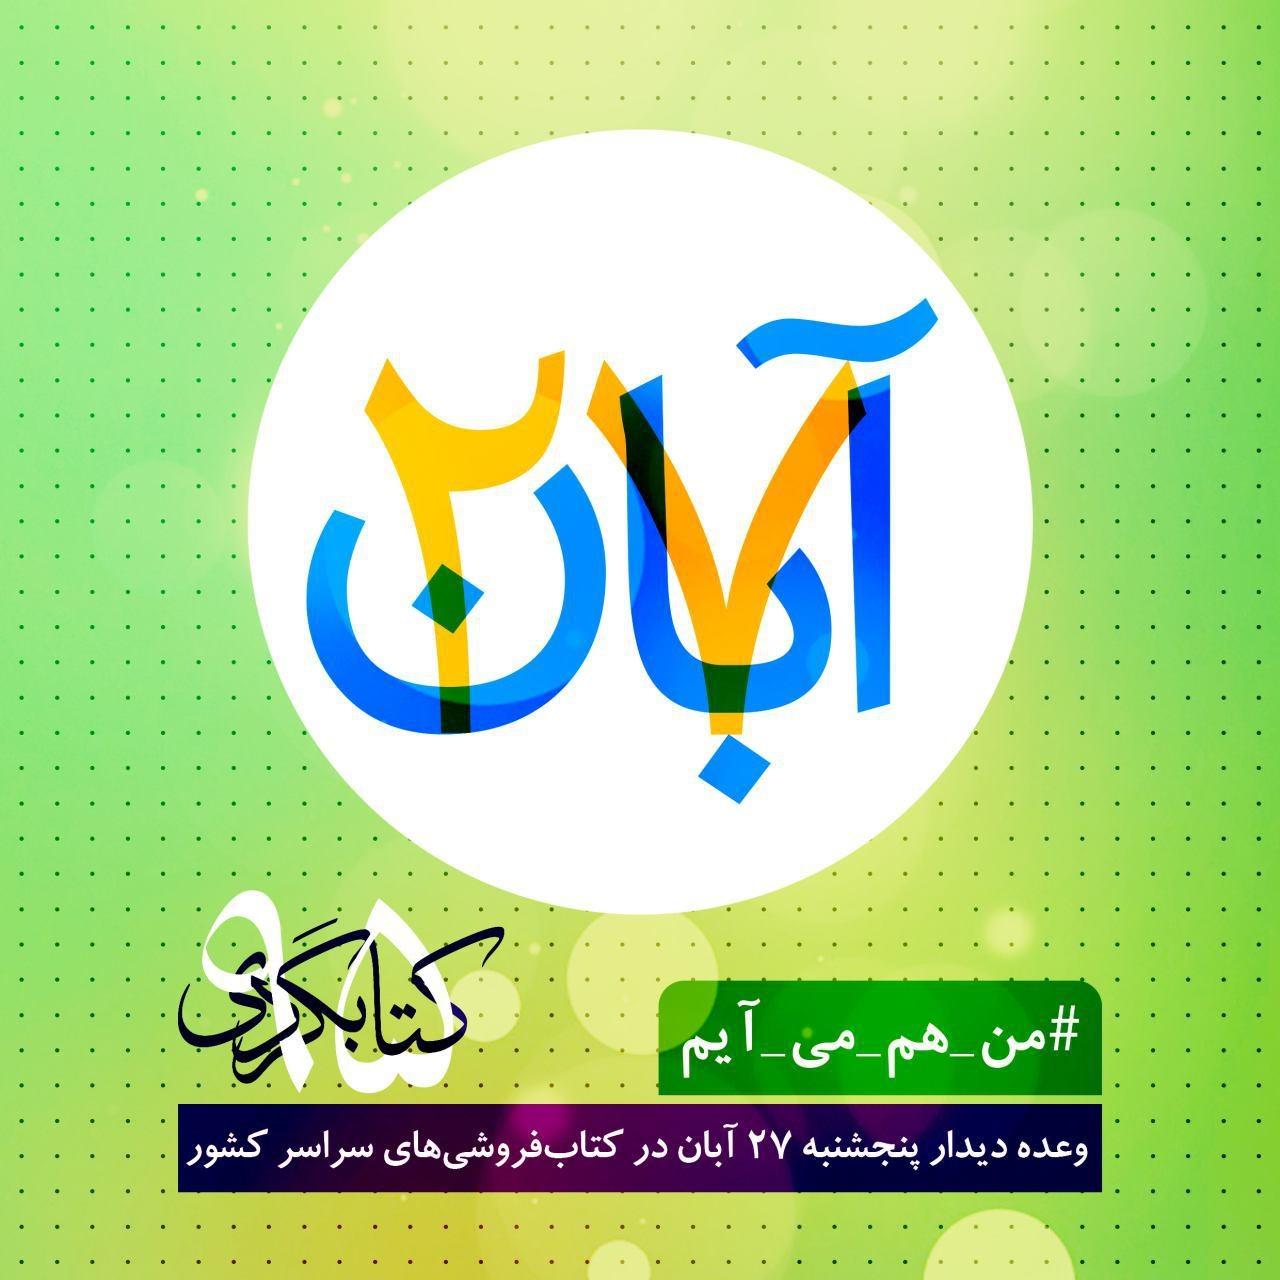 یک اتفاق فرهنگی در تهران / کتابگردی در پنجشنبه پایانی آبان ماه